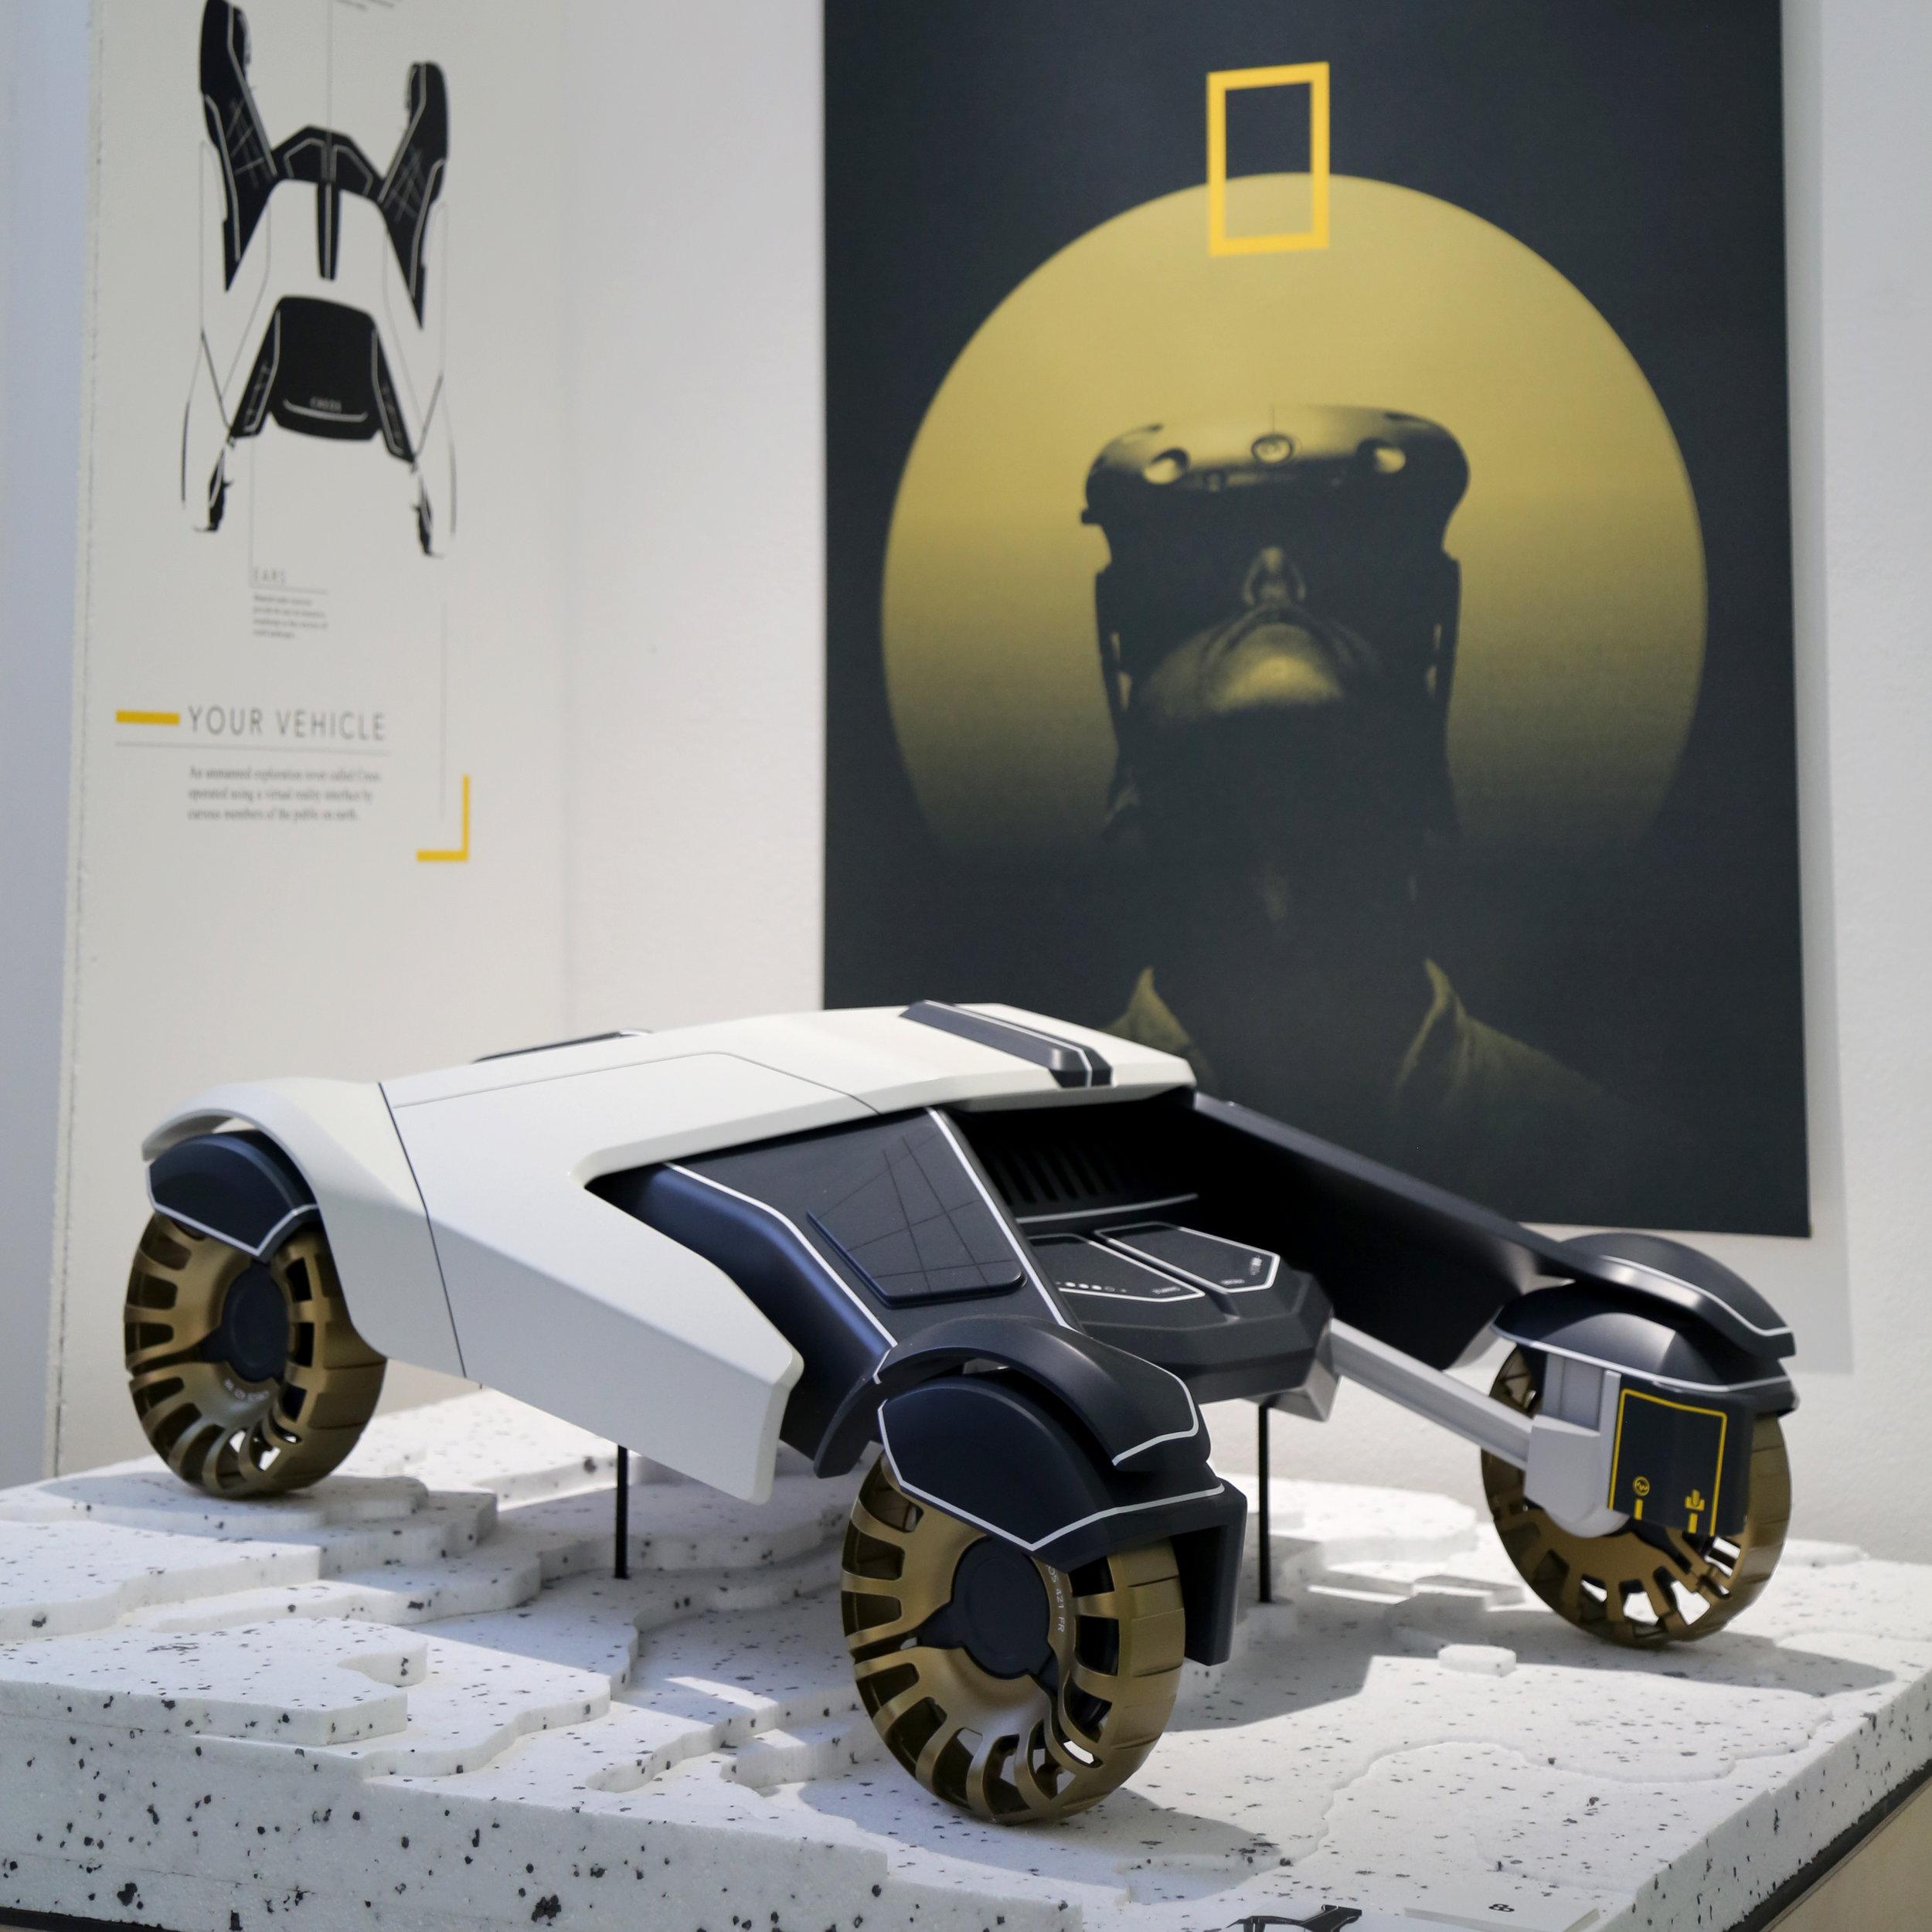 Brian Black - Royal College of Art - Car model